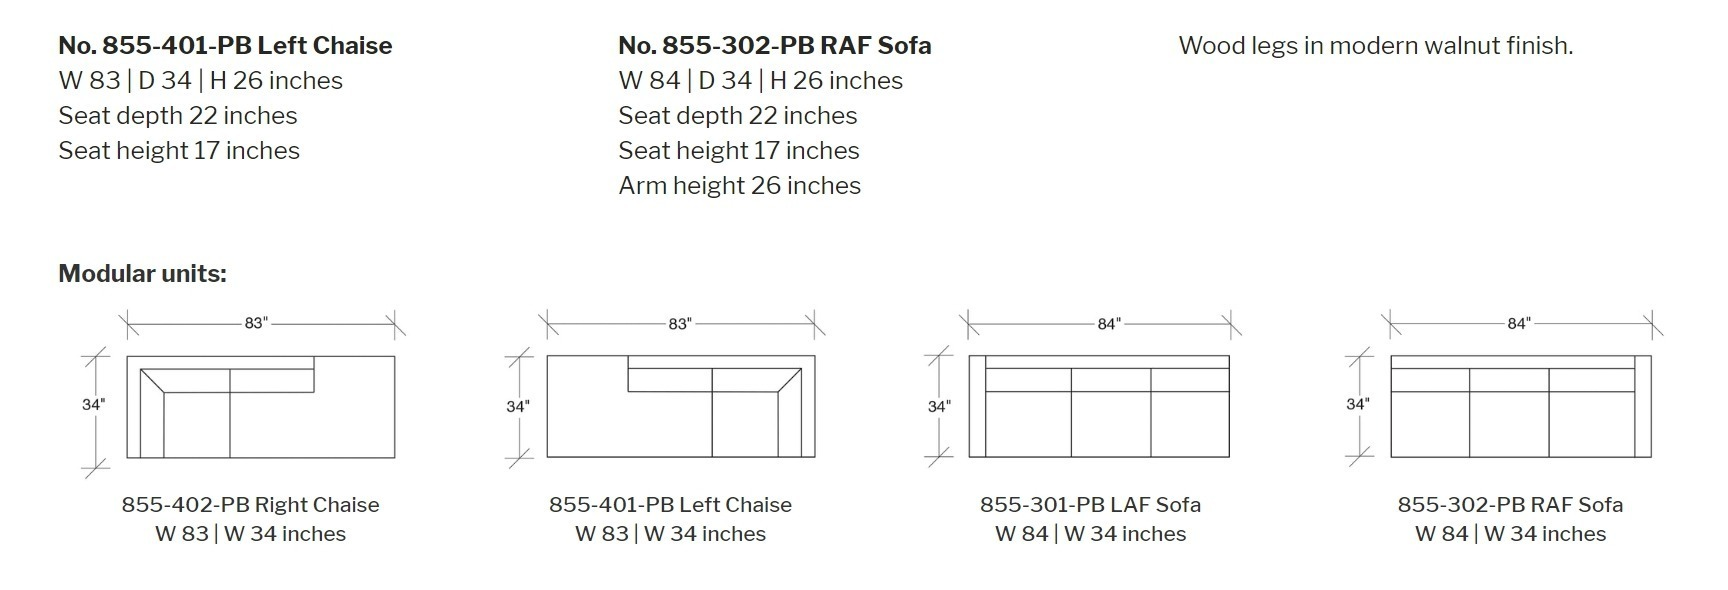 855-woodlegs.jpg